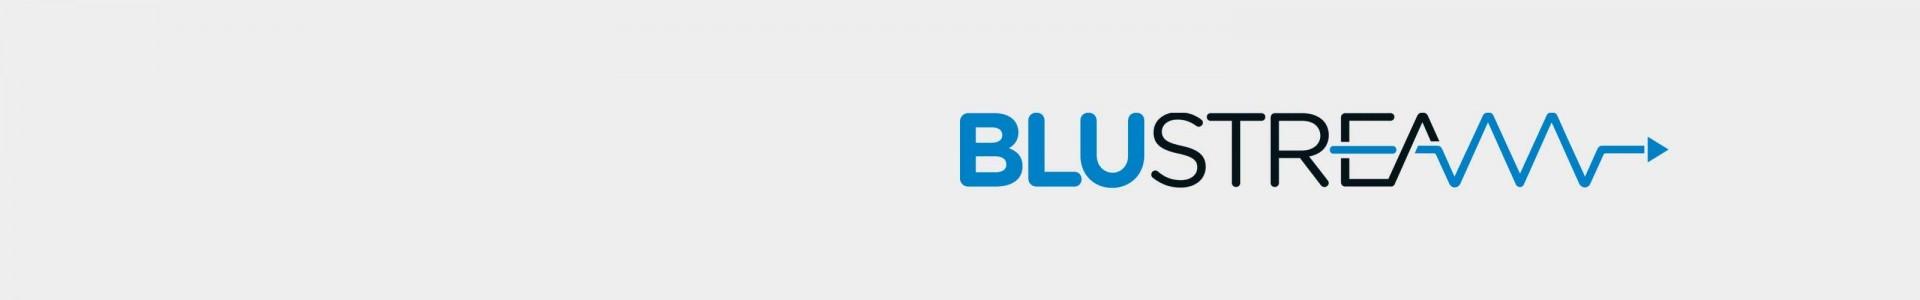 Escaladores de vídeo Blustream en Avacab - Calidad garantizada